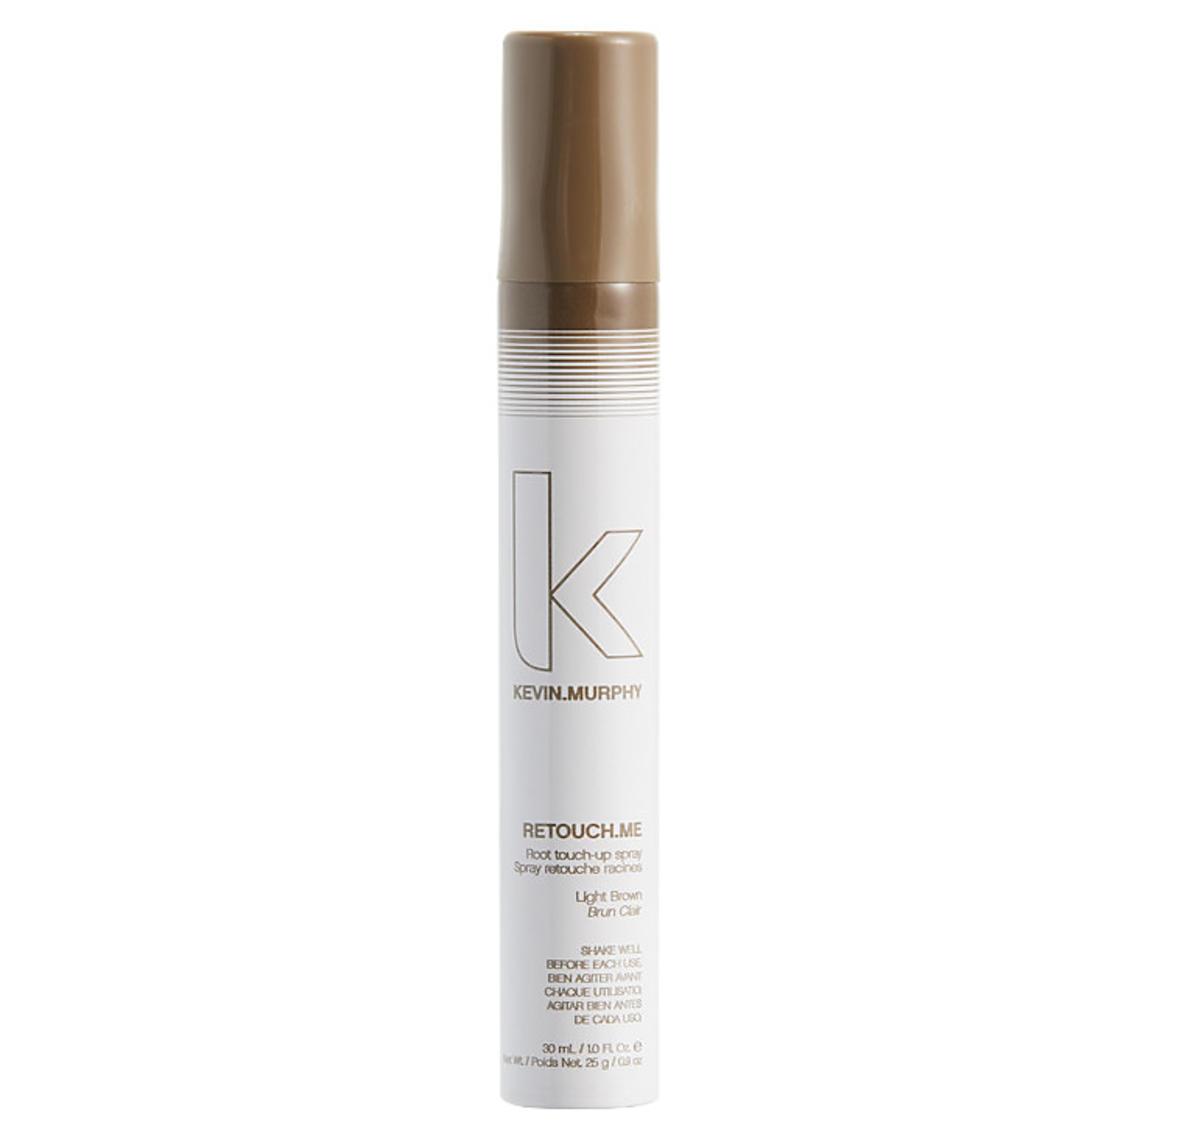 Kevin Murphy Retouch Me Light Brown - jasnobrązowy korektor odrostów w spray'u  59,90 zł/30 ml hair2go